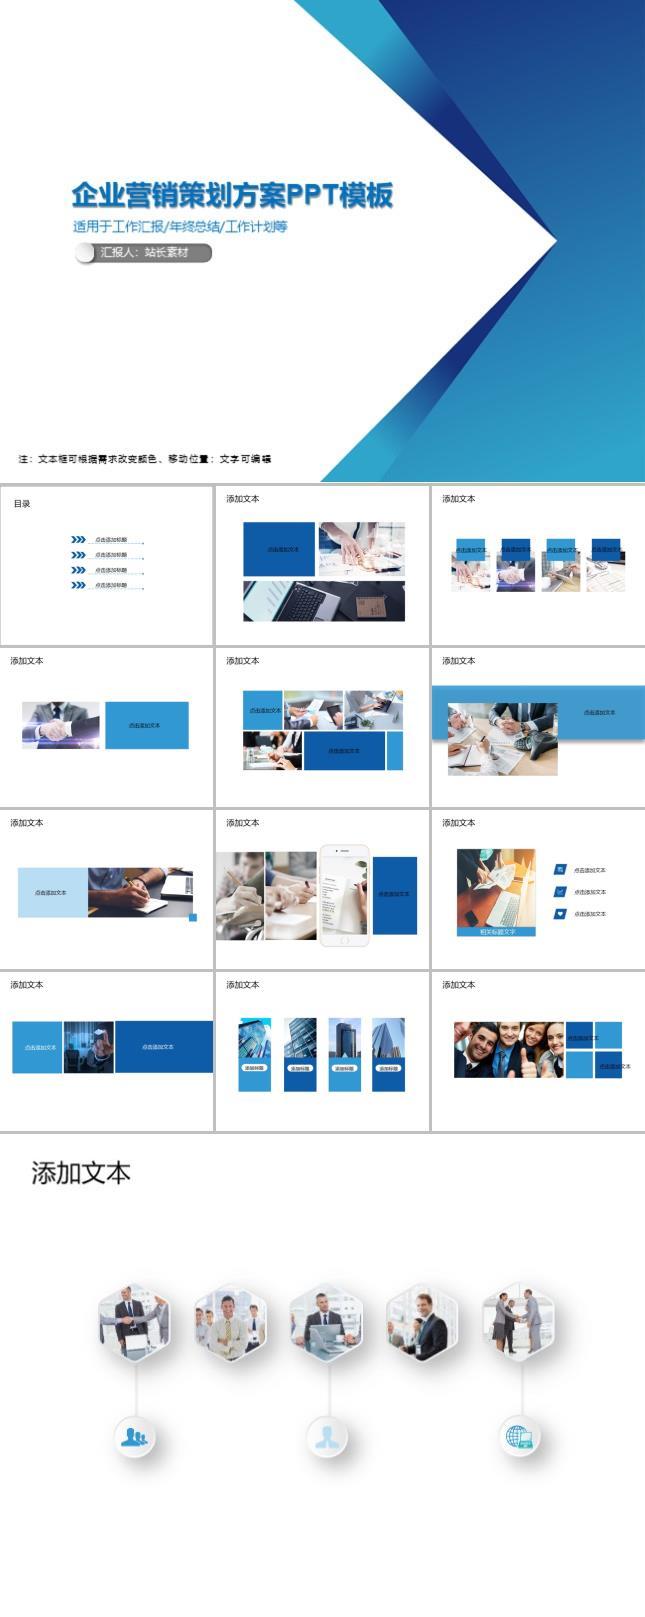 企业营销策划方案ppt模板